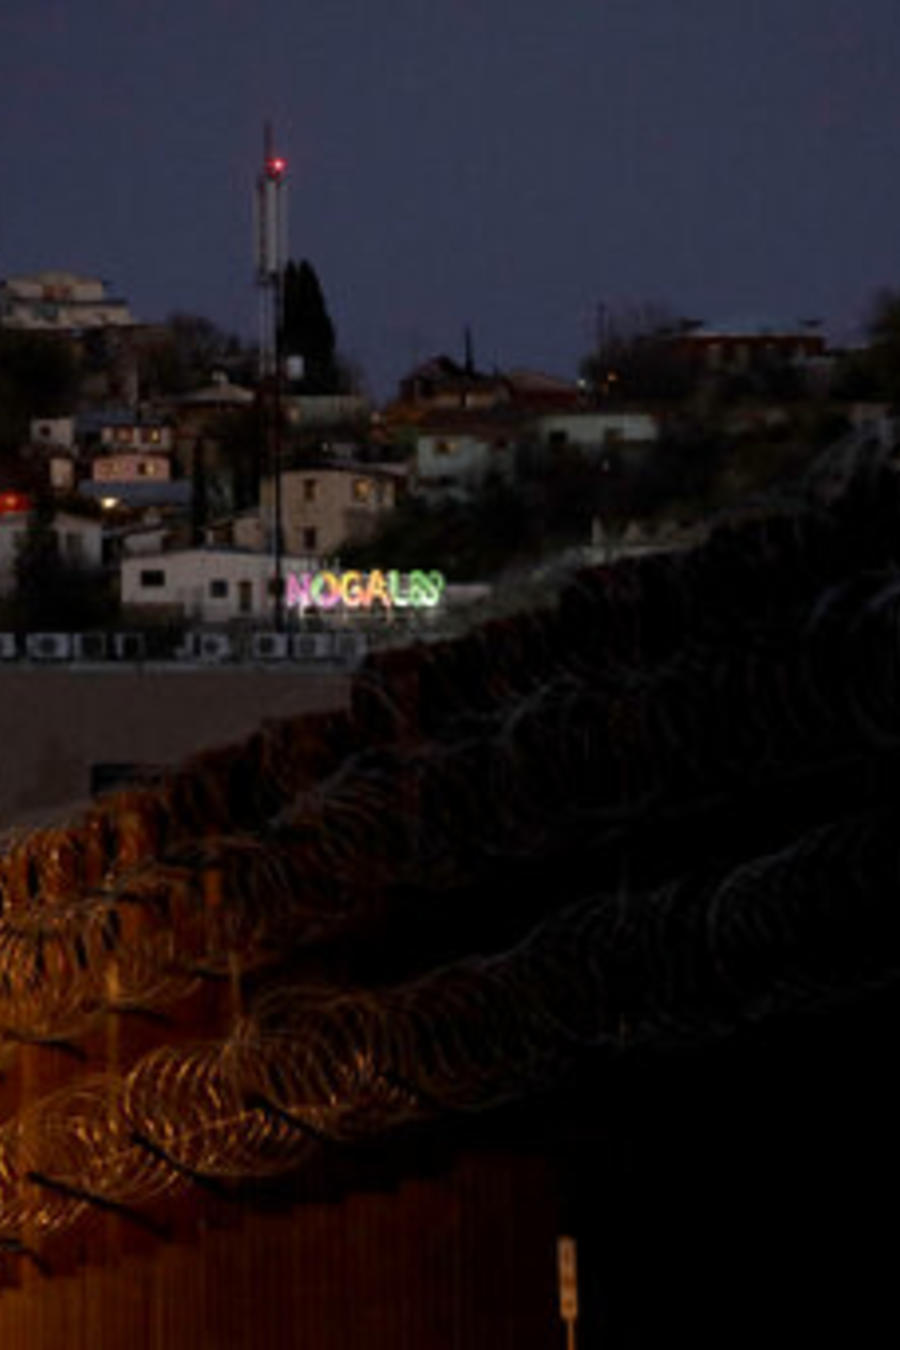 Una imagen de la frontera de Nogales, entre Arizona y México.